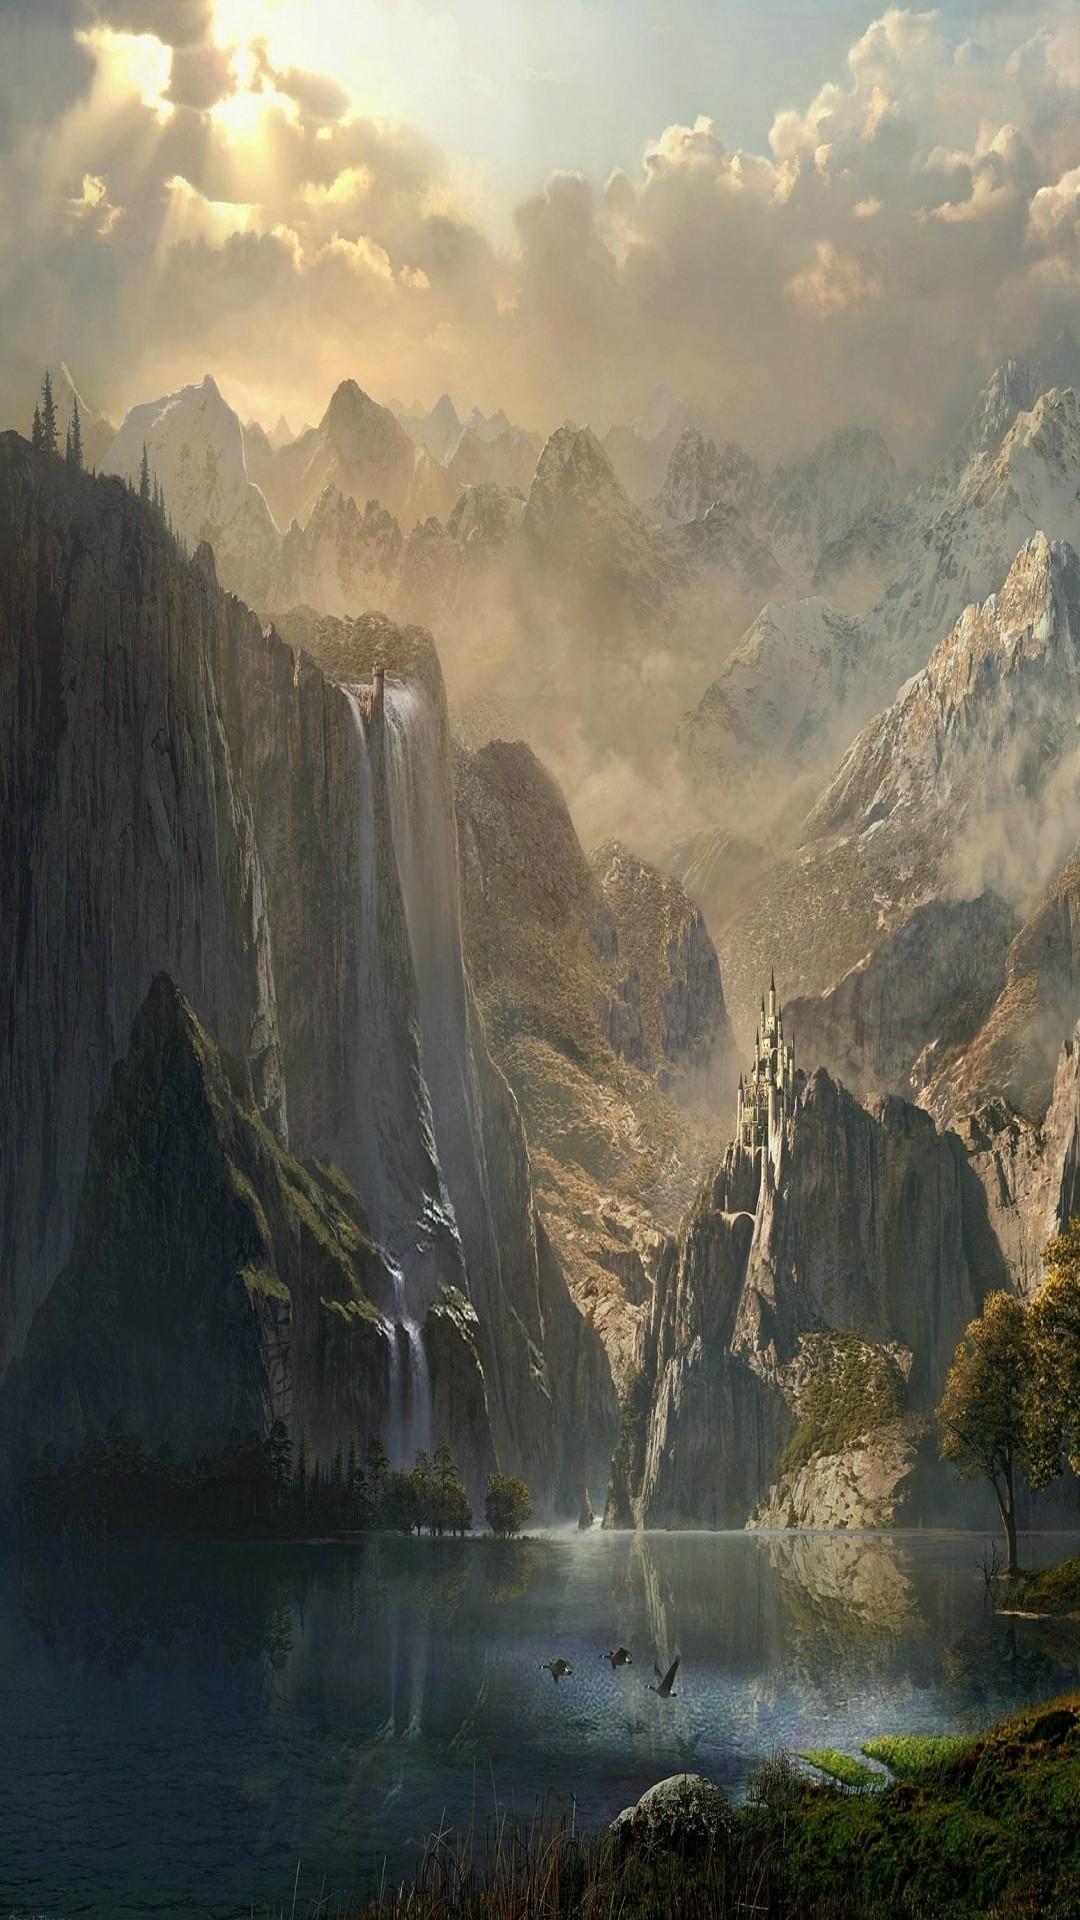 Fantasy Landscape Wallpaper (76+ Images